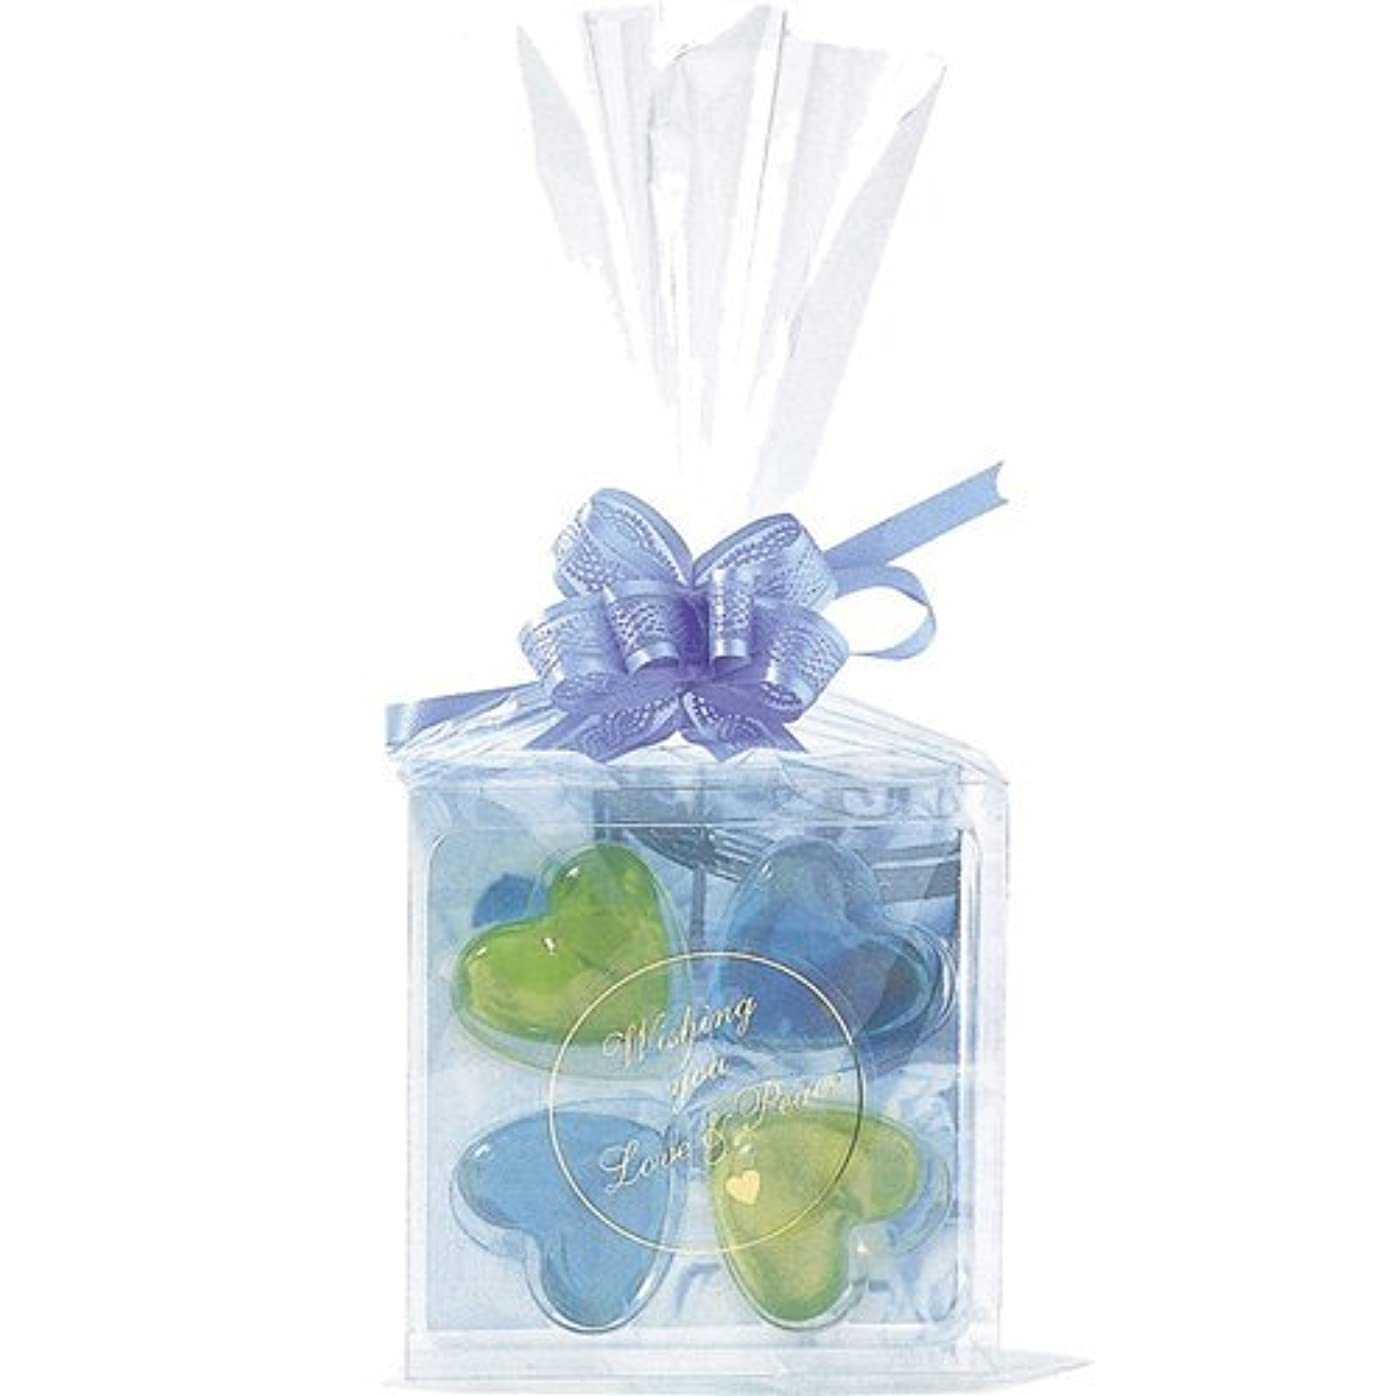 火傷キャンドルナイトスポットジーピークリエイツ フォーチューンクローバー ブルー 入浴料セット(グリーンアップル、ベリー)